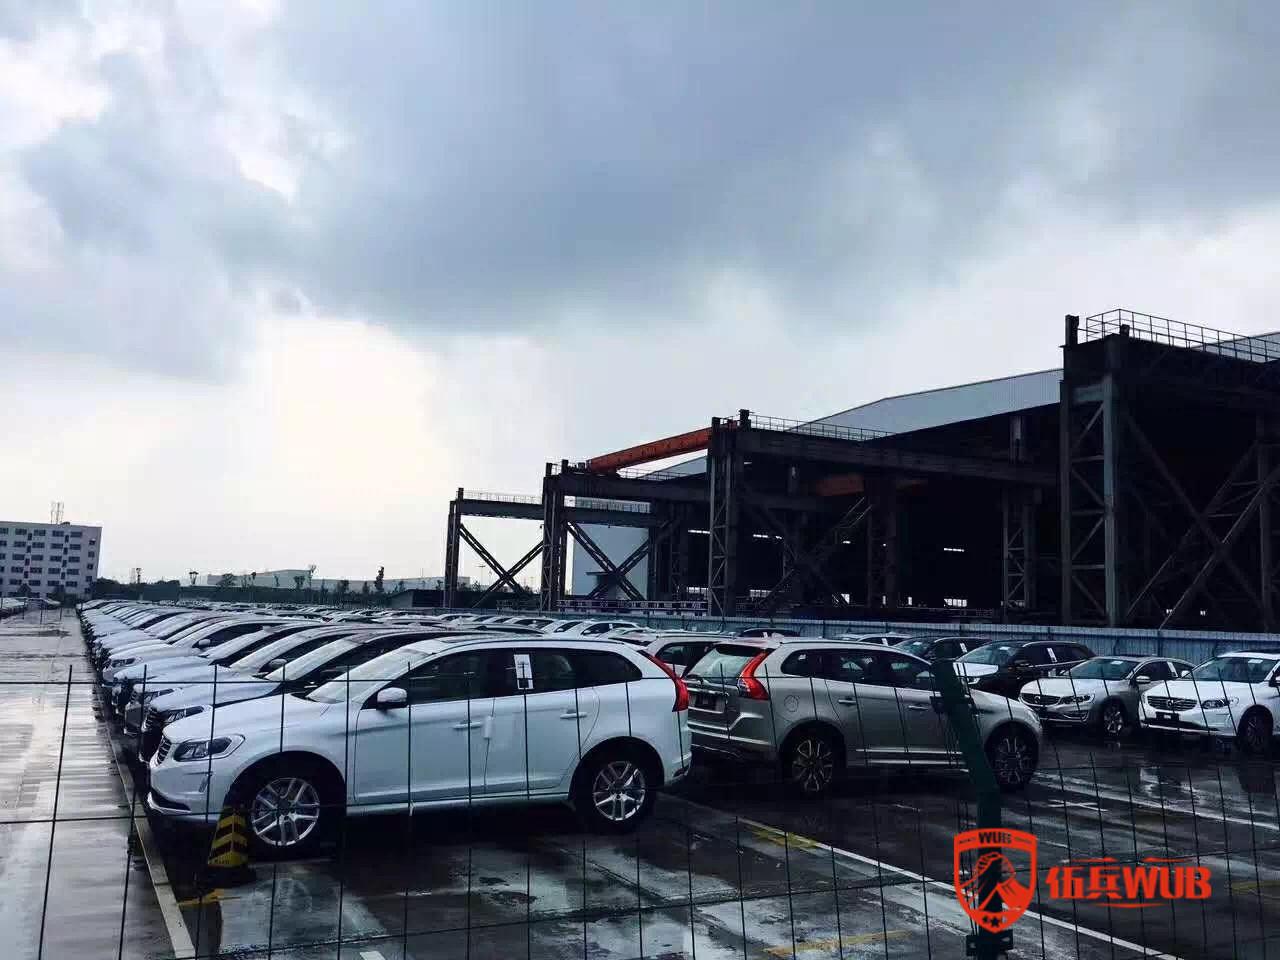 伍兵传媒:走访会员单位活动第一站·四川东原兴物流有限公司